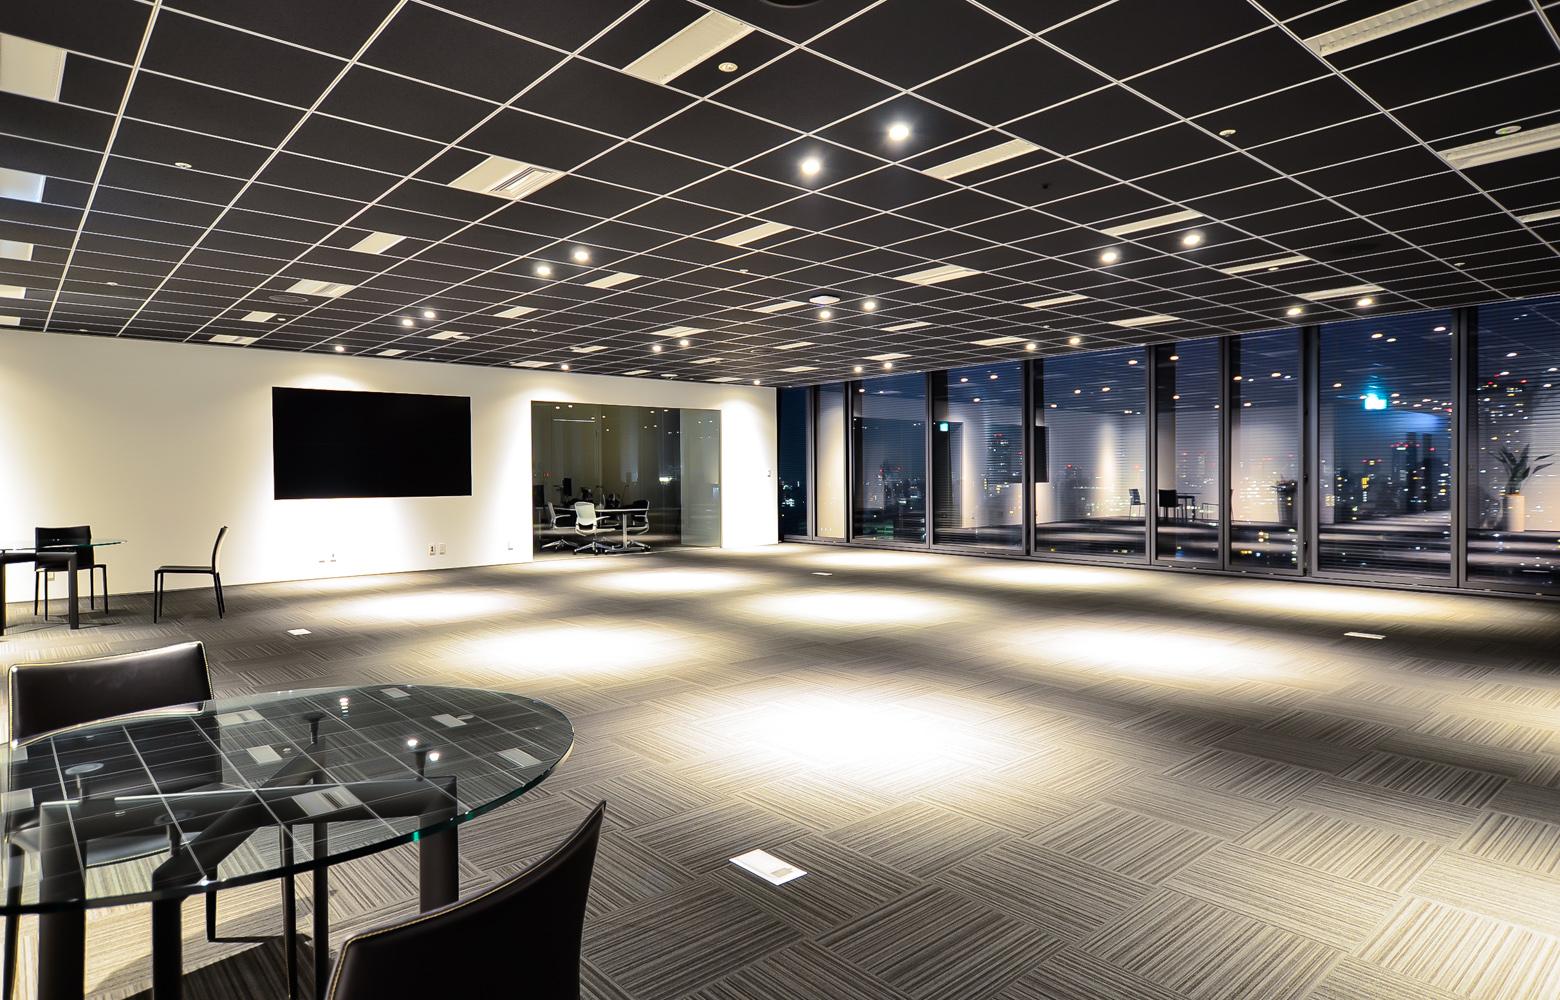 アプリックスIPホールディングス Lounge デザイン・レイアウト事例